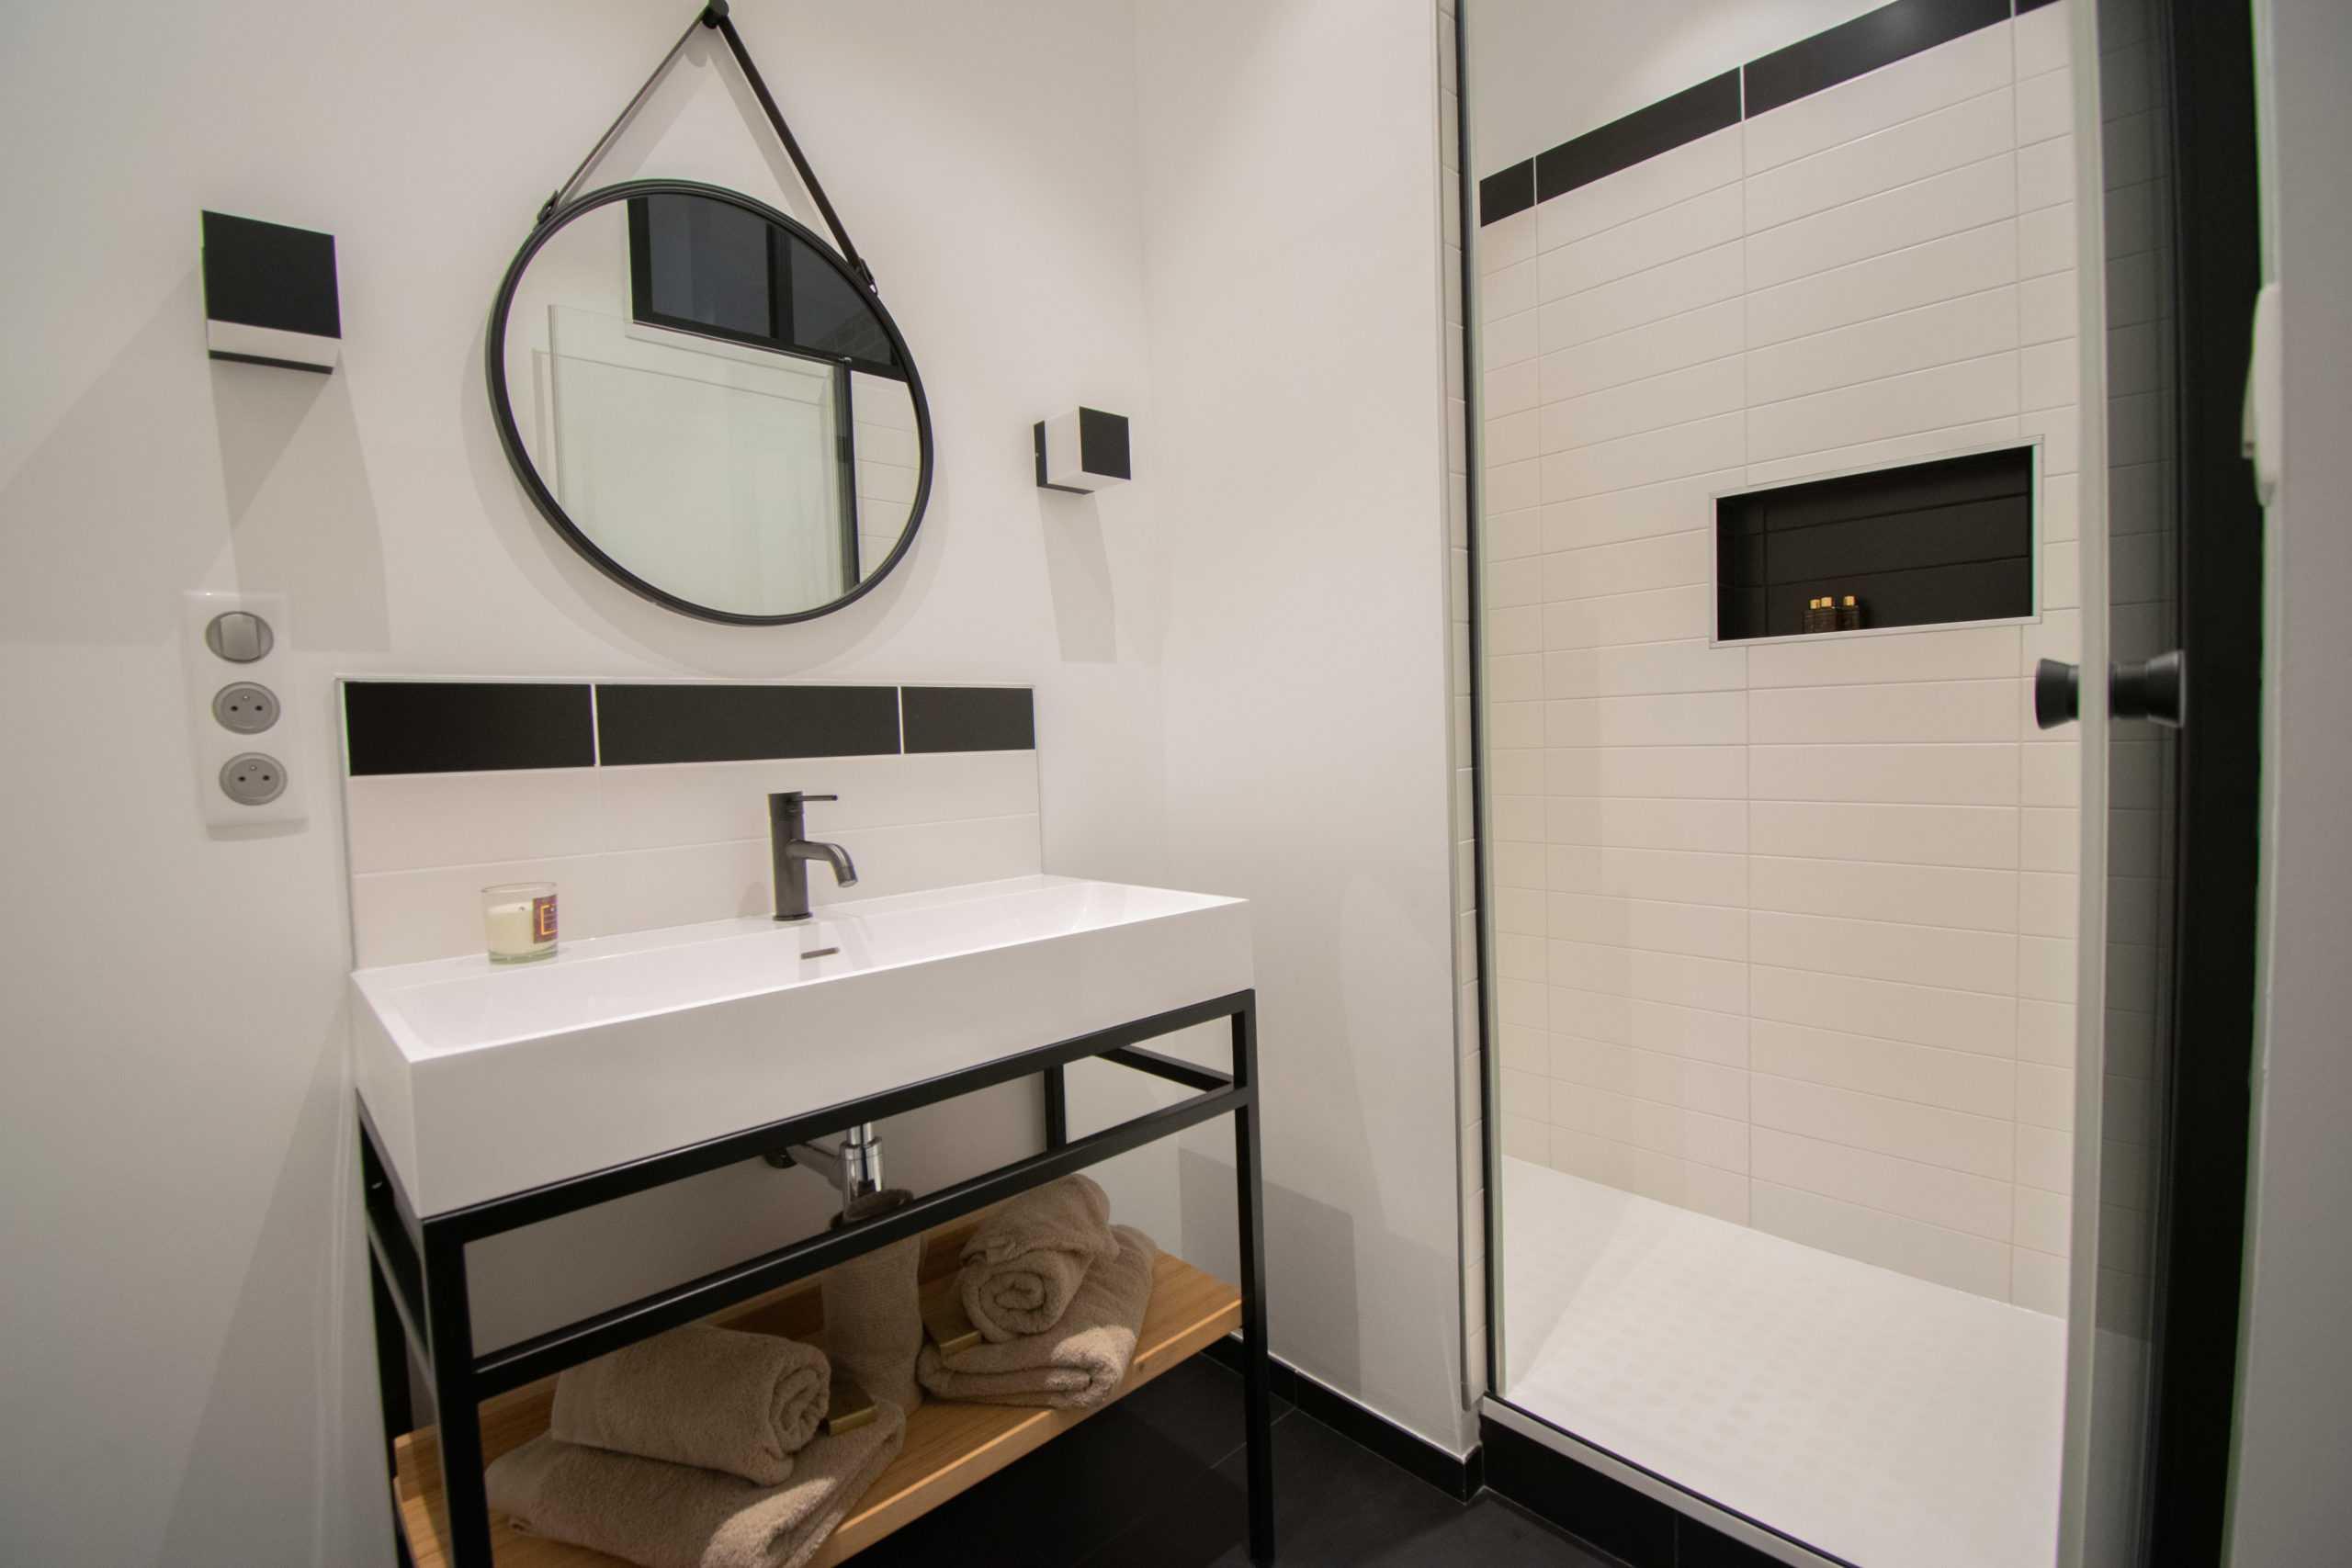 appartement_15eme_droite_tour_perret_amiens_tourisme_salle_de_bain_industrielle